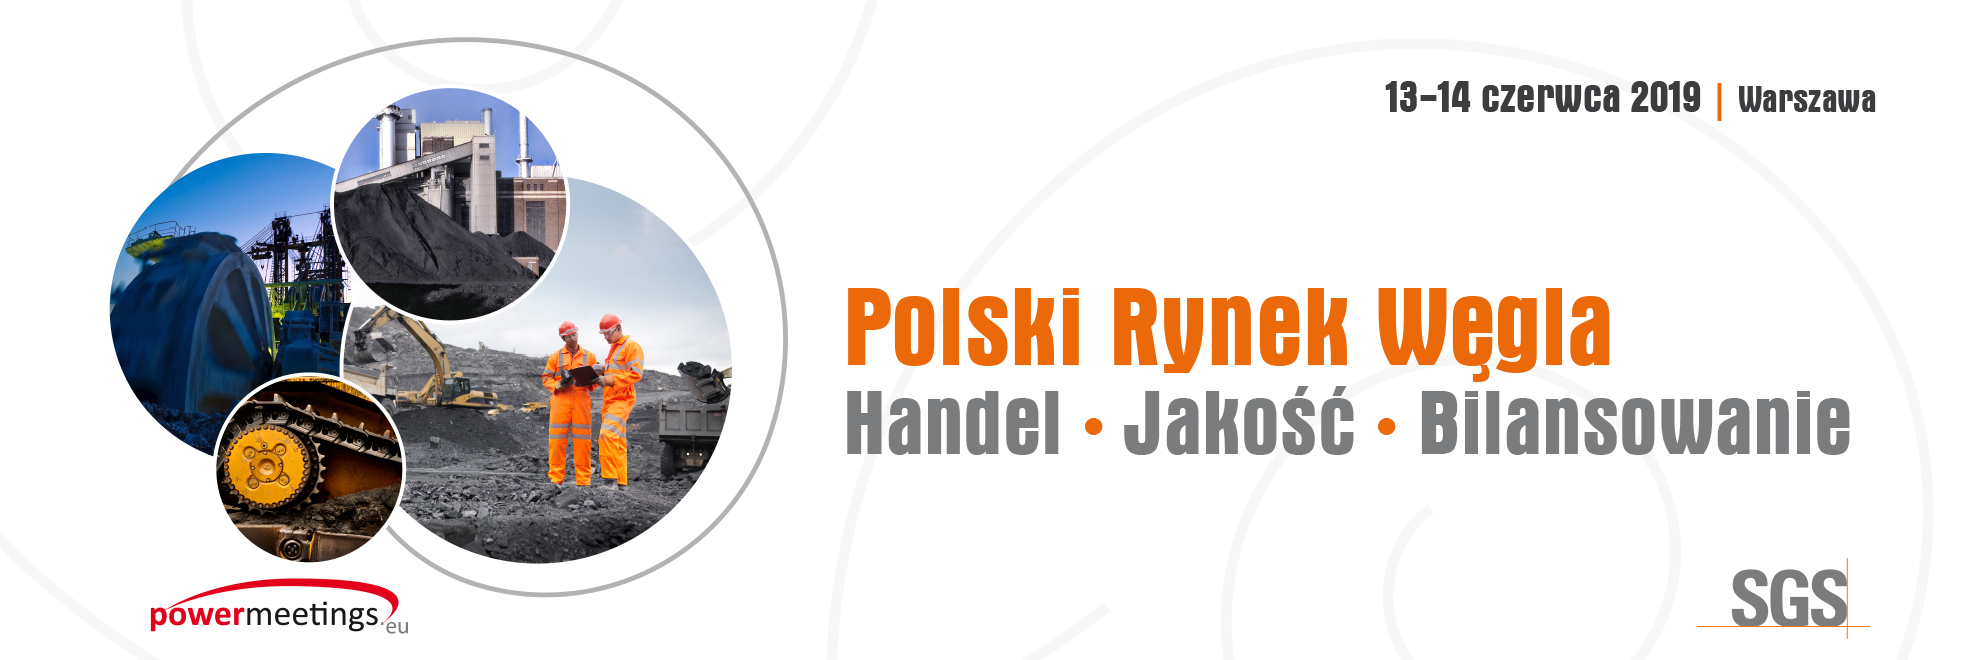 Polski Rynek Węgla – handel, jakość, bilansowanie